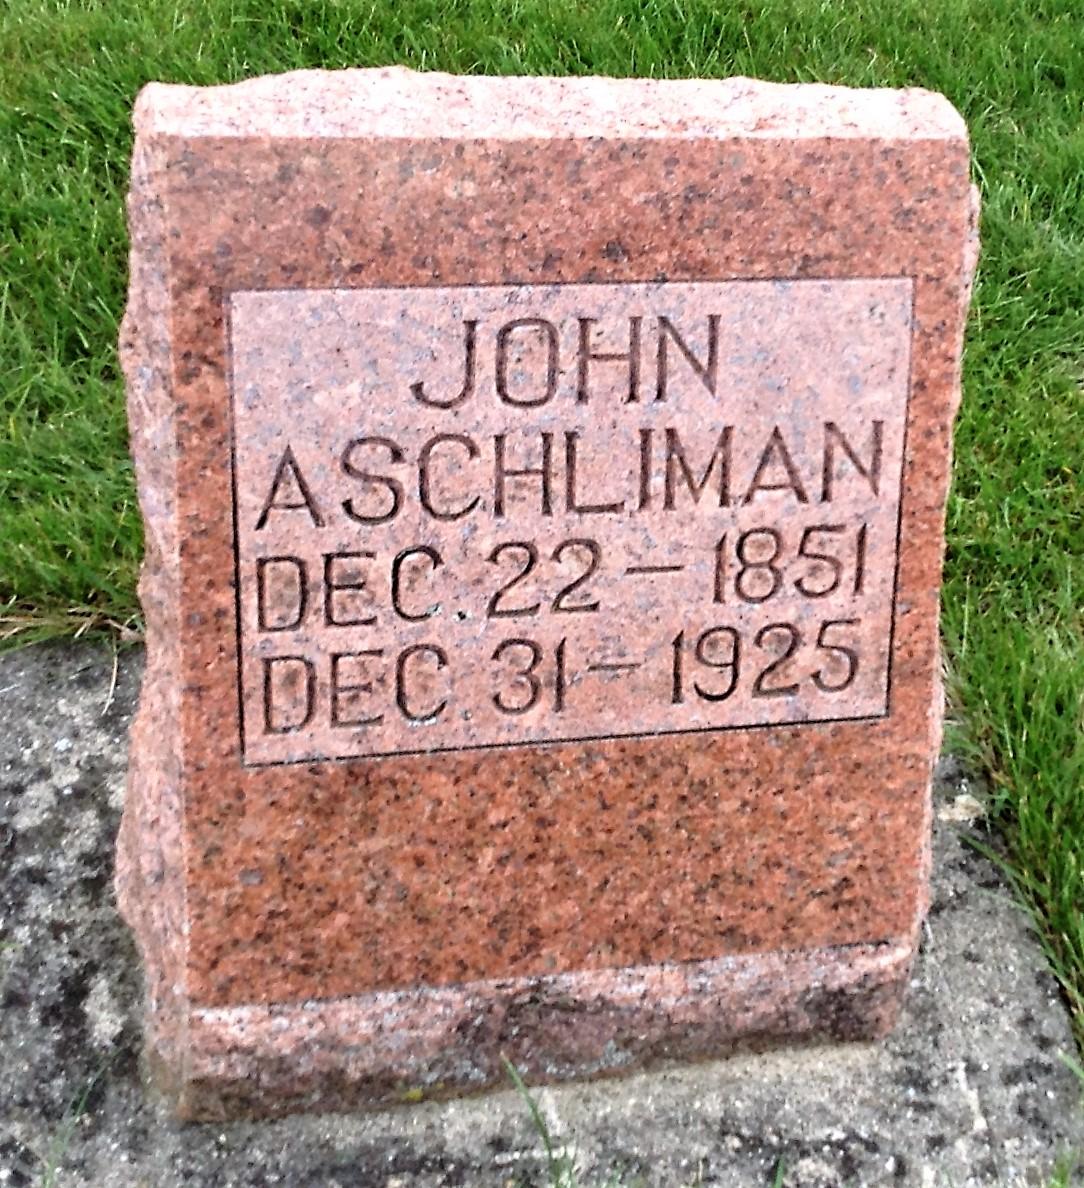 John Aschliman